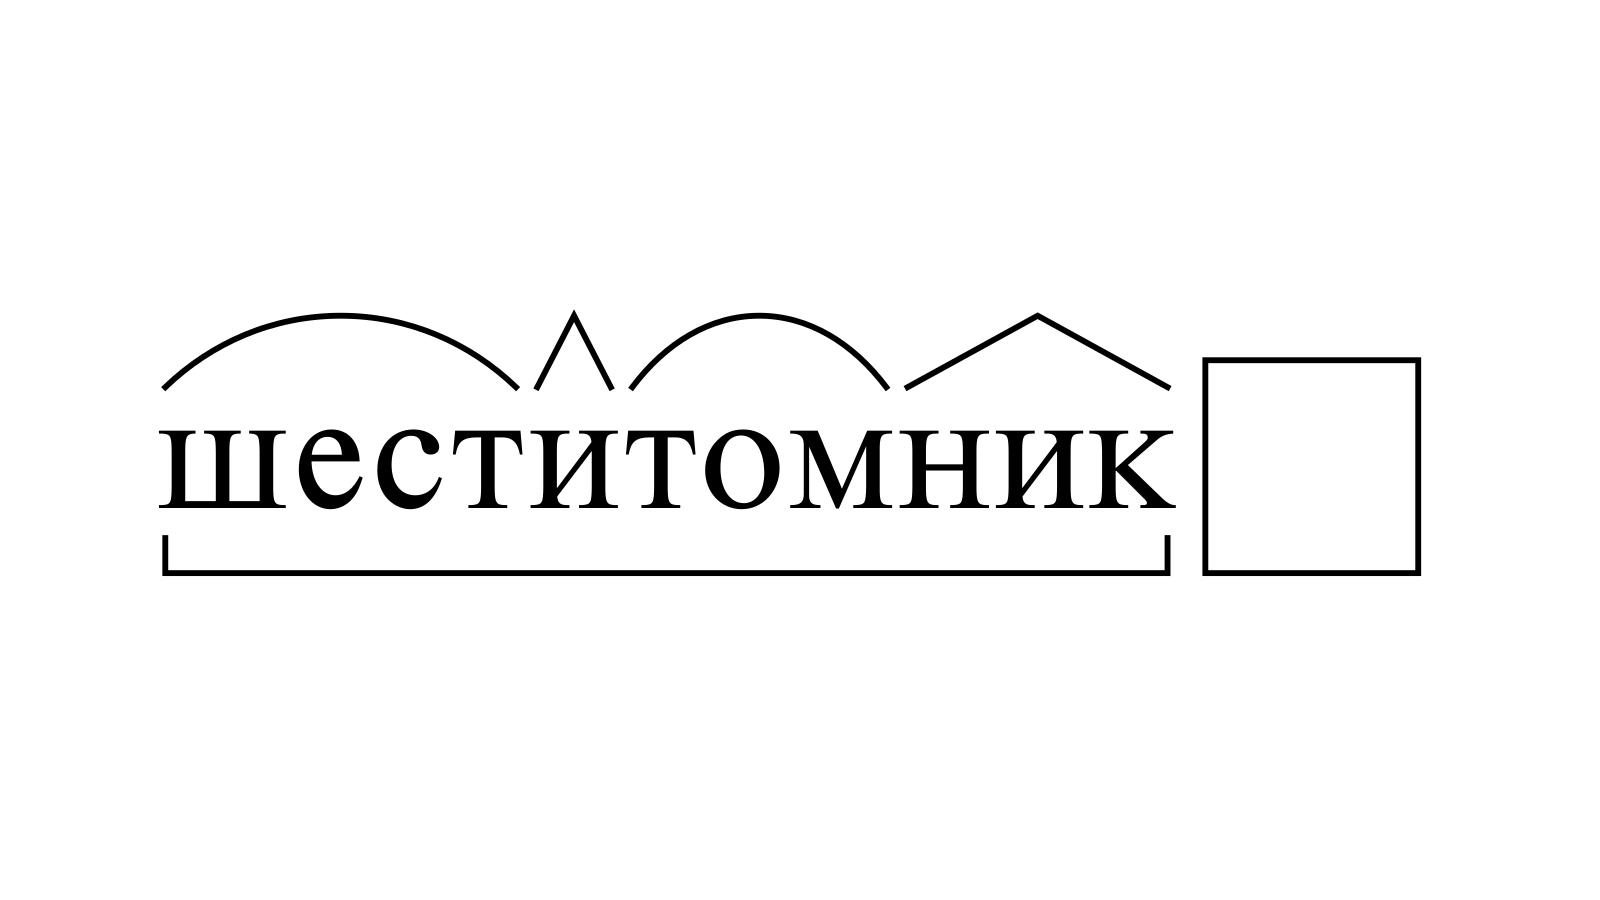 Разбор слова «шеститомник» по составу